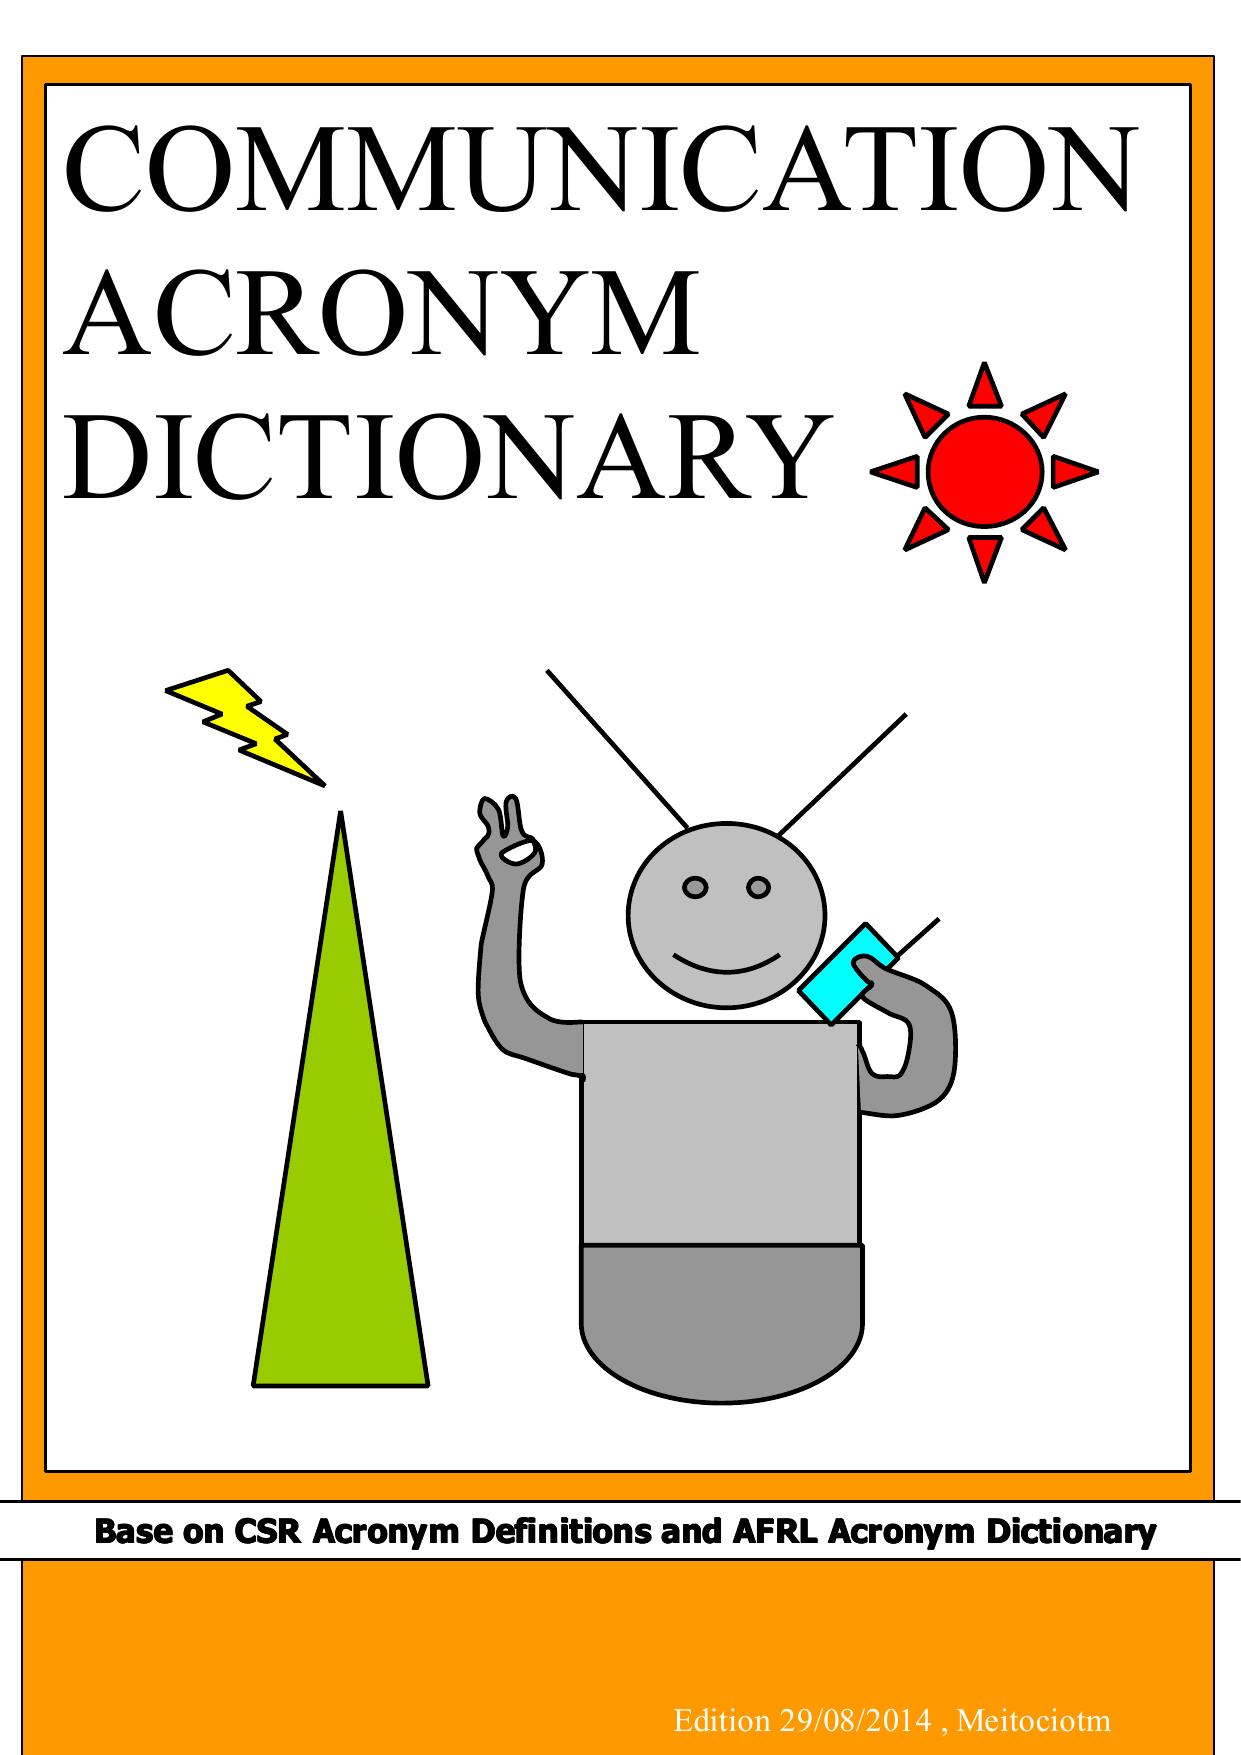 communication acronym dictionary   manualzz com